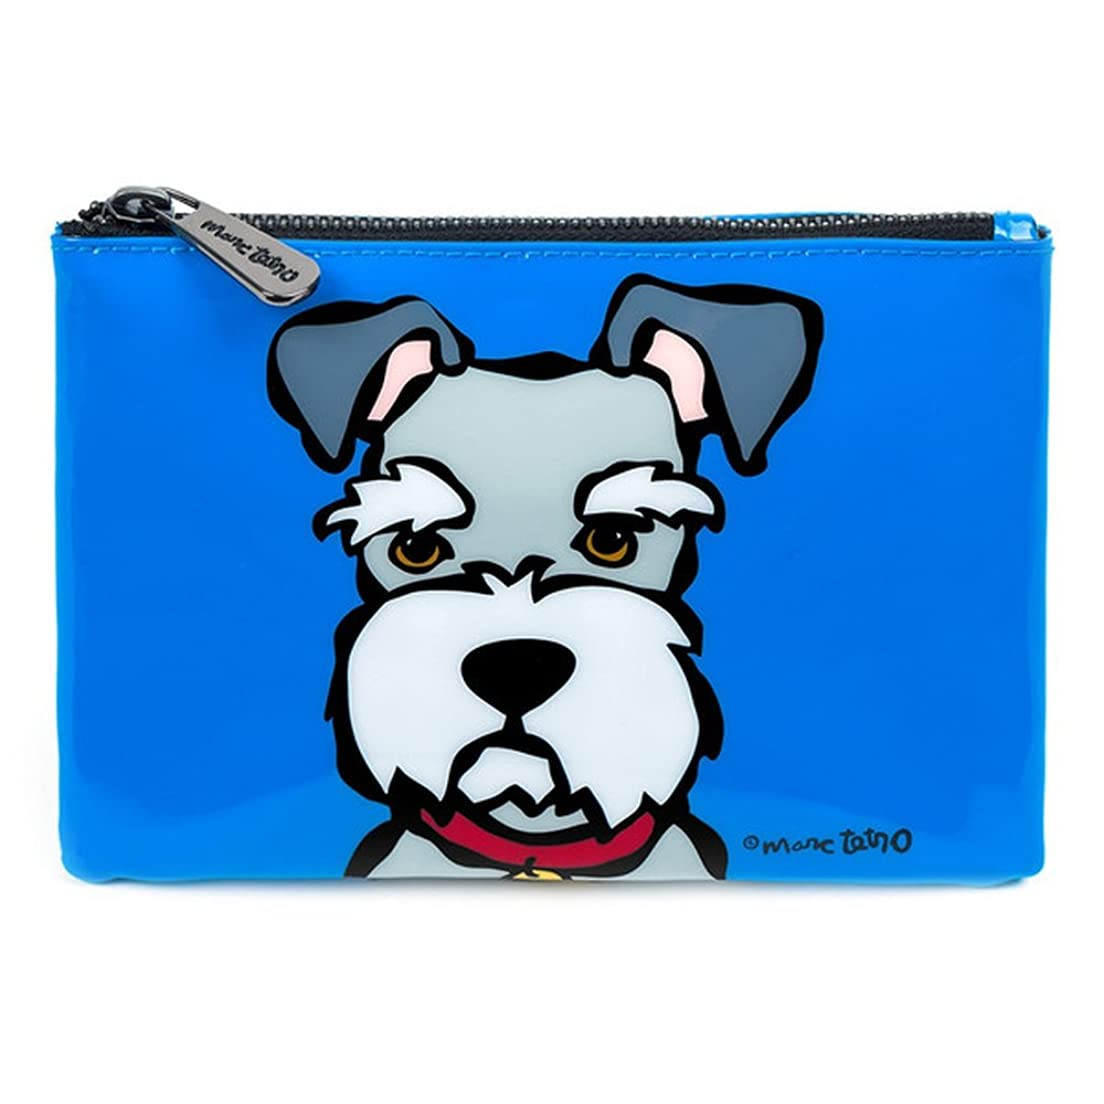 シュナウザー コスメバッグ 防水PVC ファスナー式 化粧ポーチ 小物入れ 13.5cm x 19cm 犬デザイン ミニバッグ Cosmetic Bag